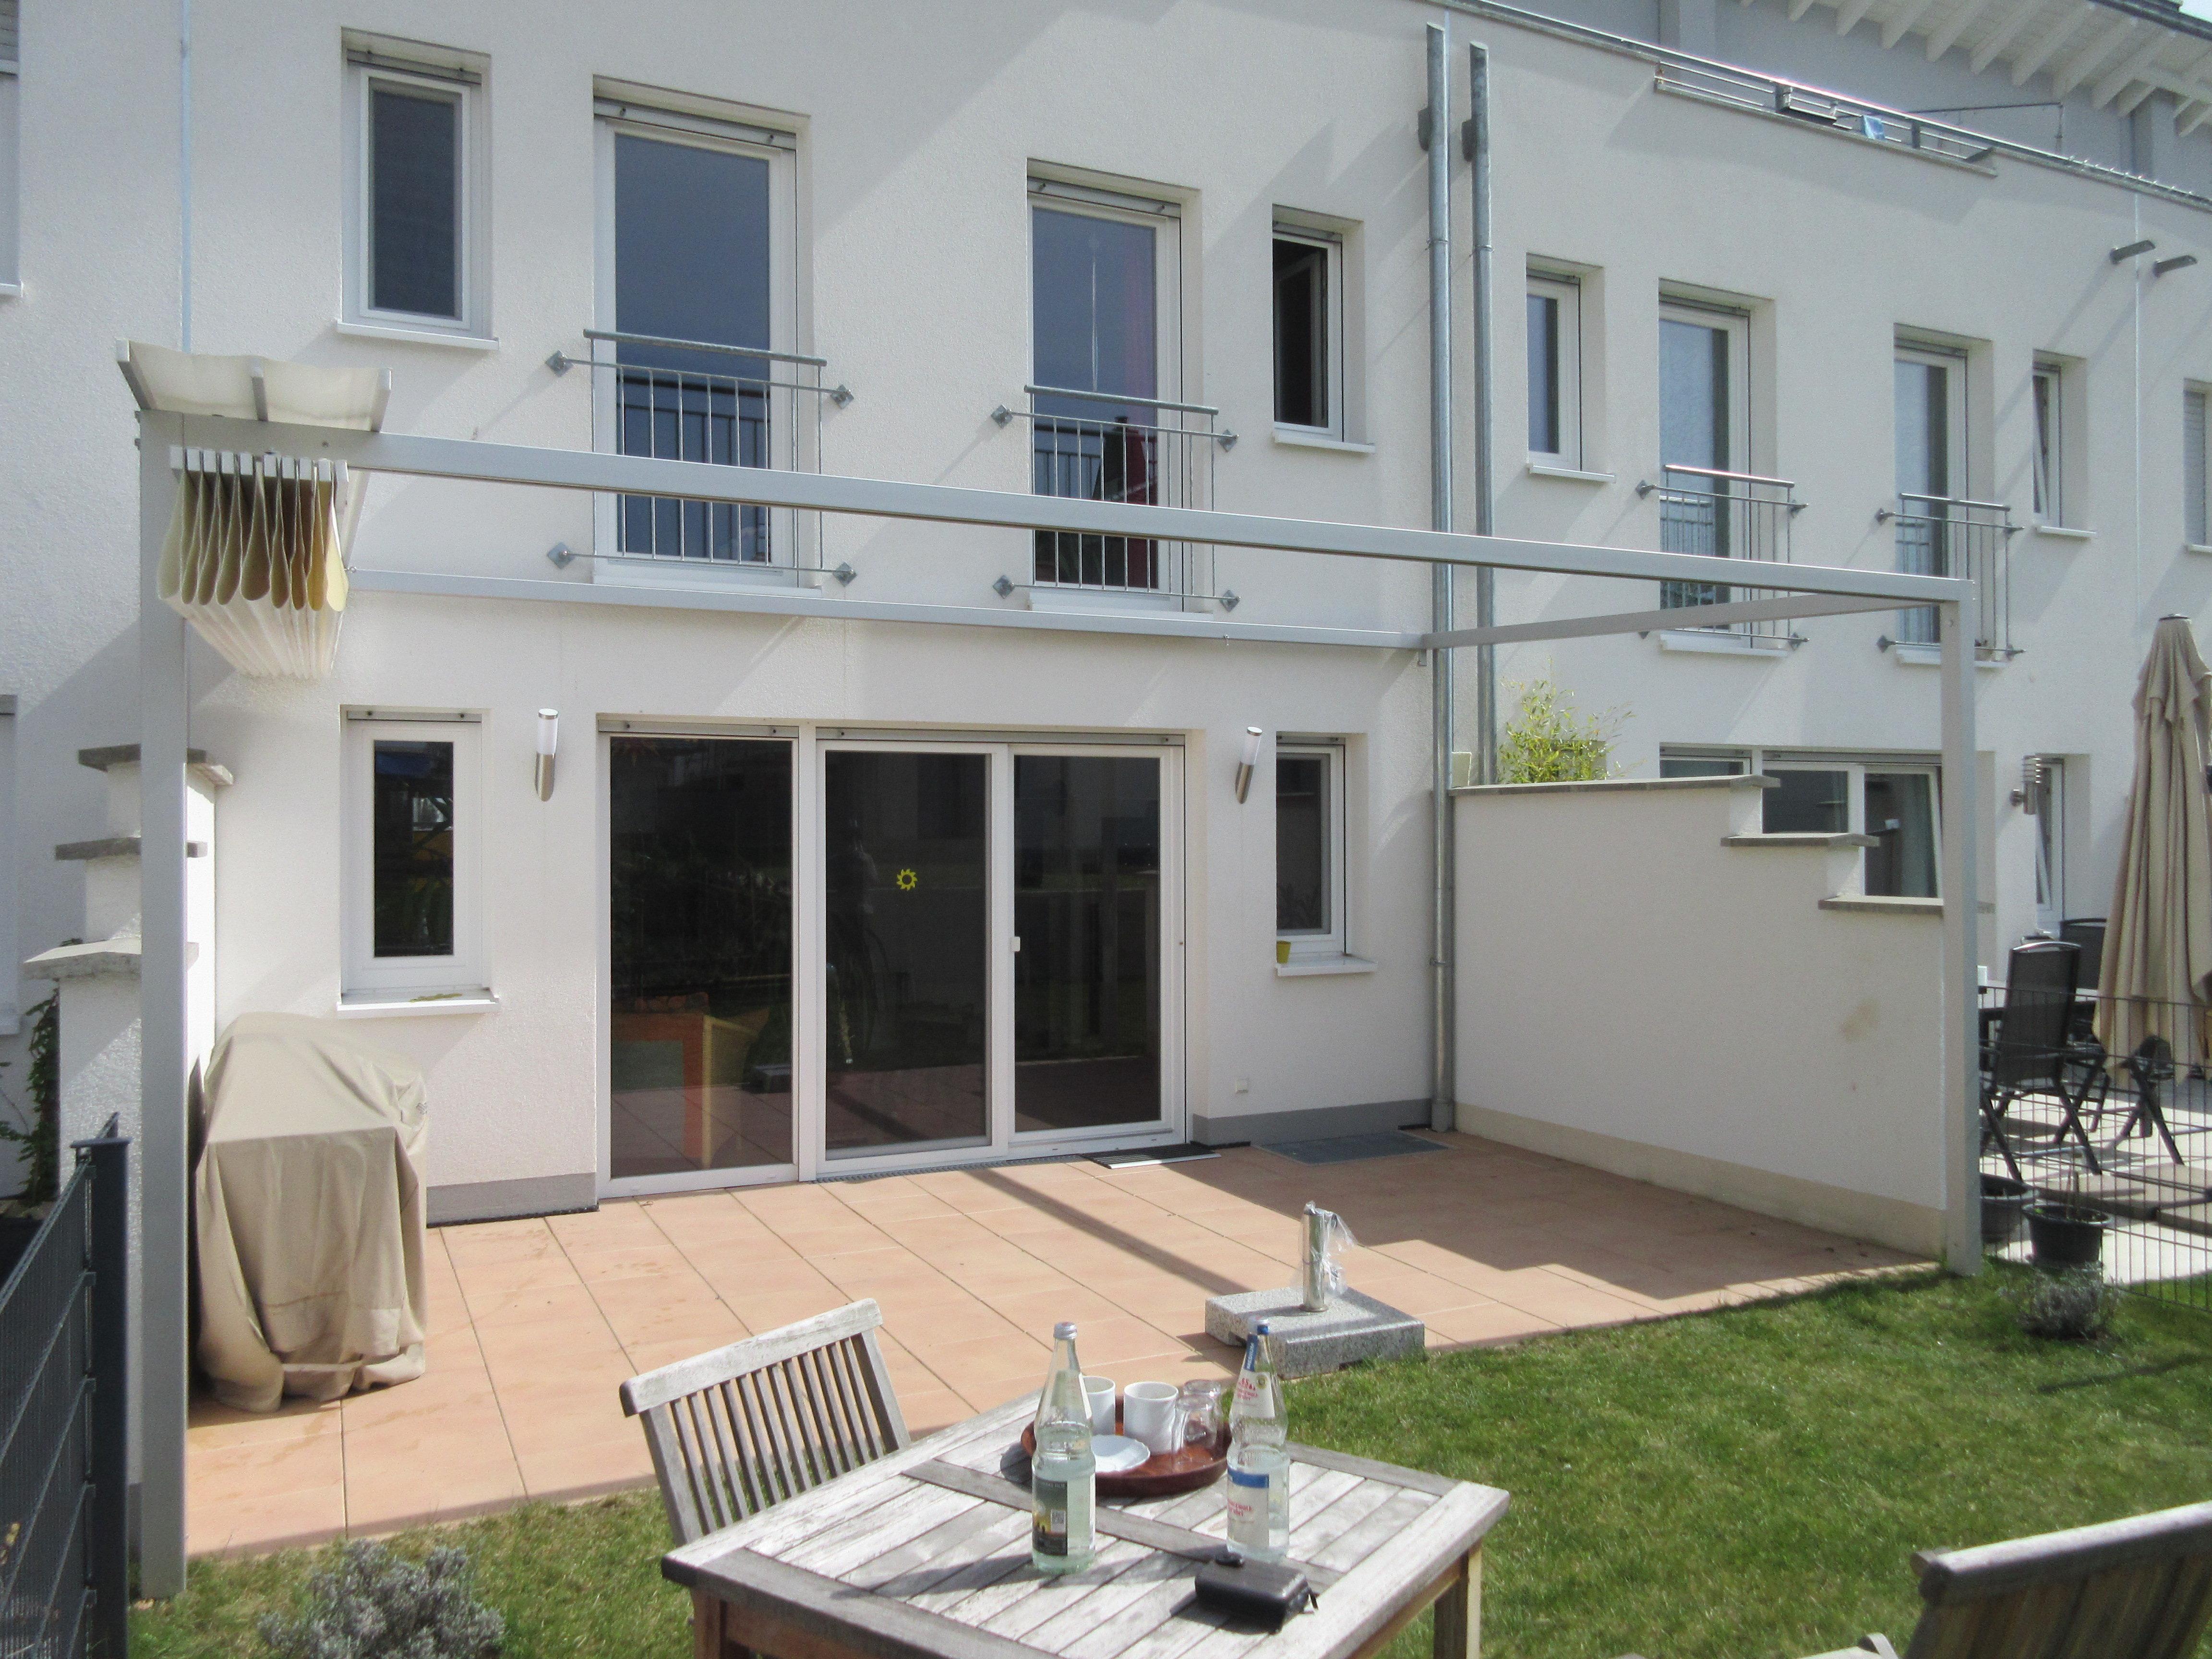 Bemerkenswert Sonnenschutz Dachterrasse Beste Wahl 8896 Gartenterrasse Storen (1)